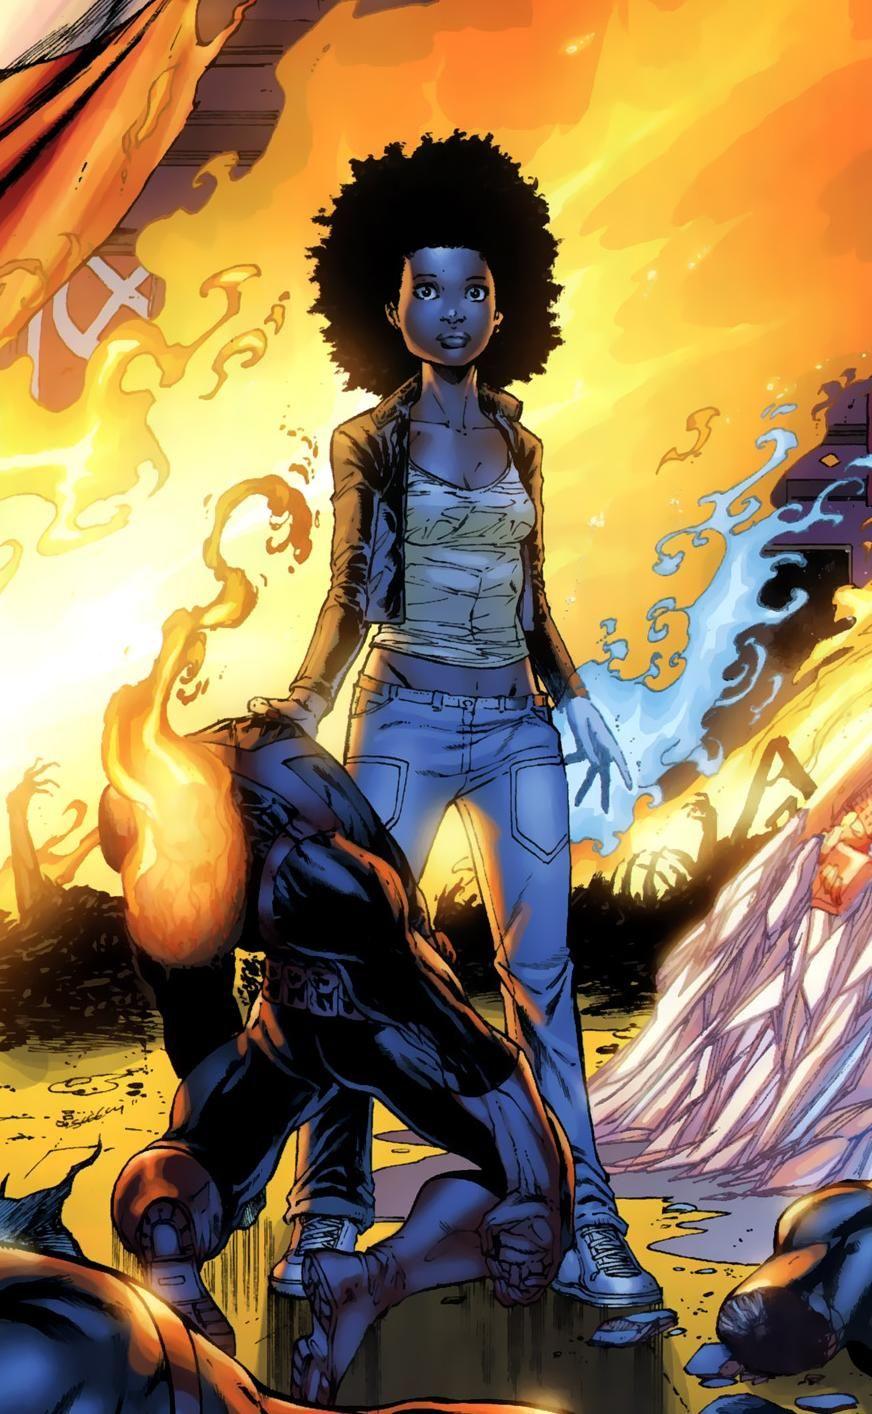 Watchmen comic book help! pleaseee?